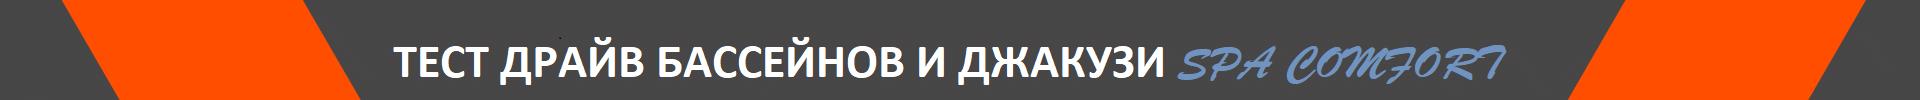 ТЕСТ ДРАЙВ